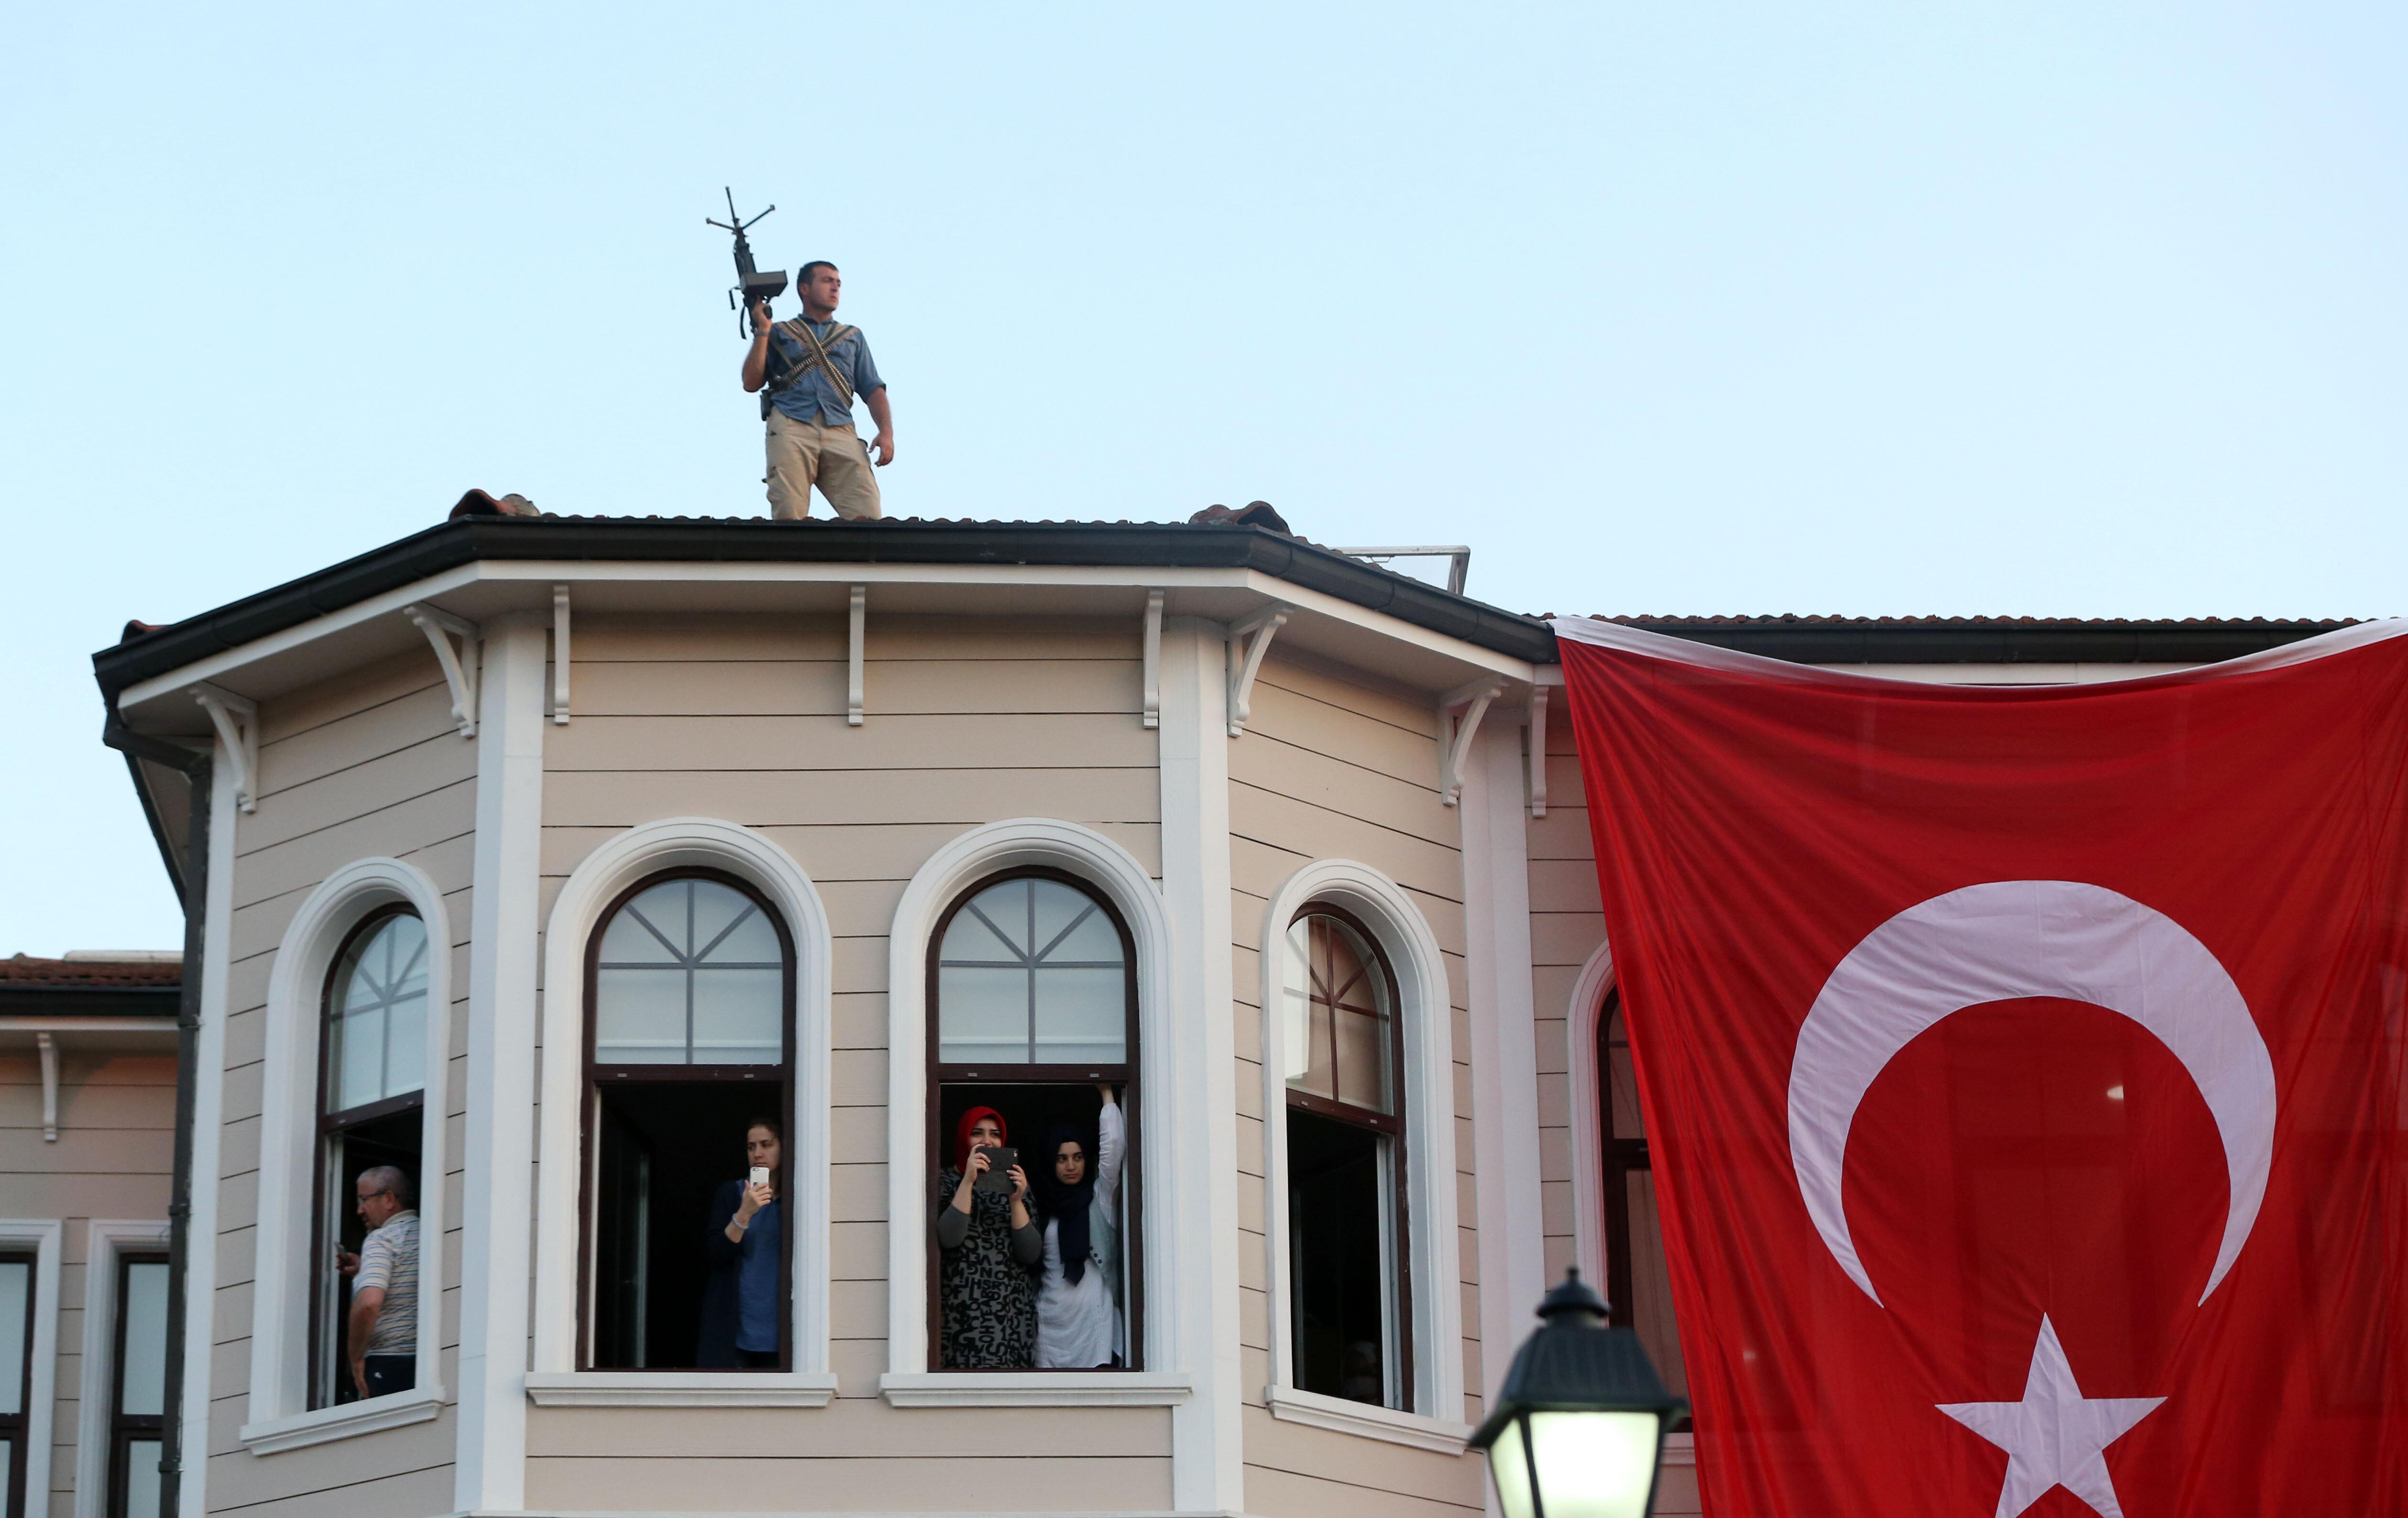 Cumhurbaşkanı Erdoğan'ı korumak için yoğun güvenlik önlemleri alındı.